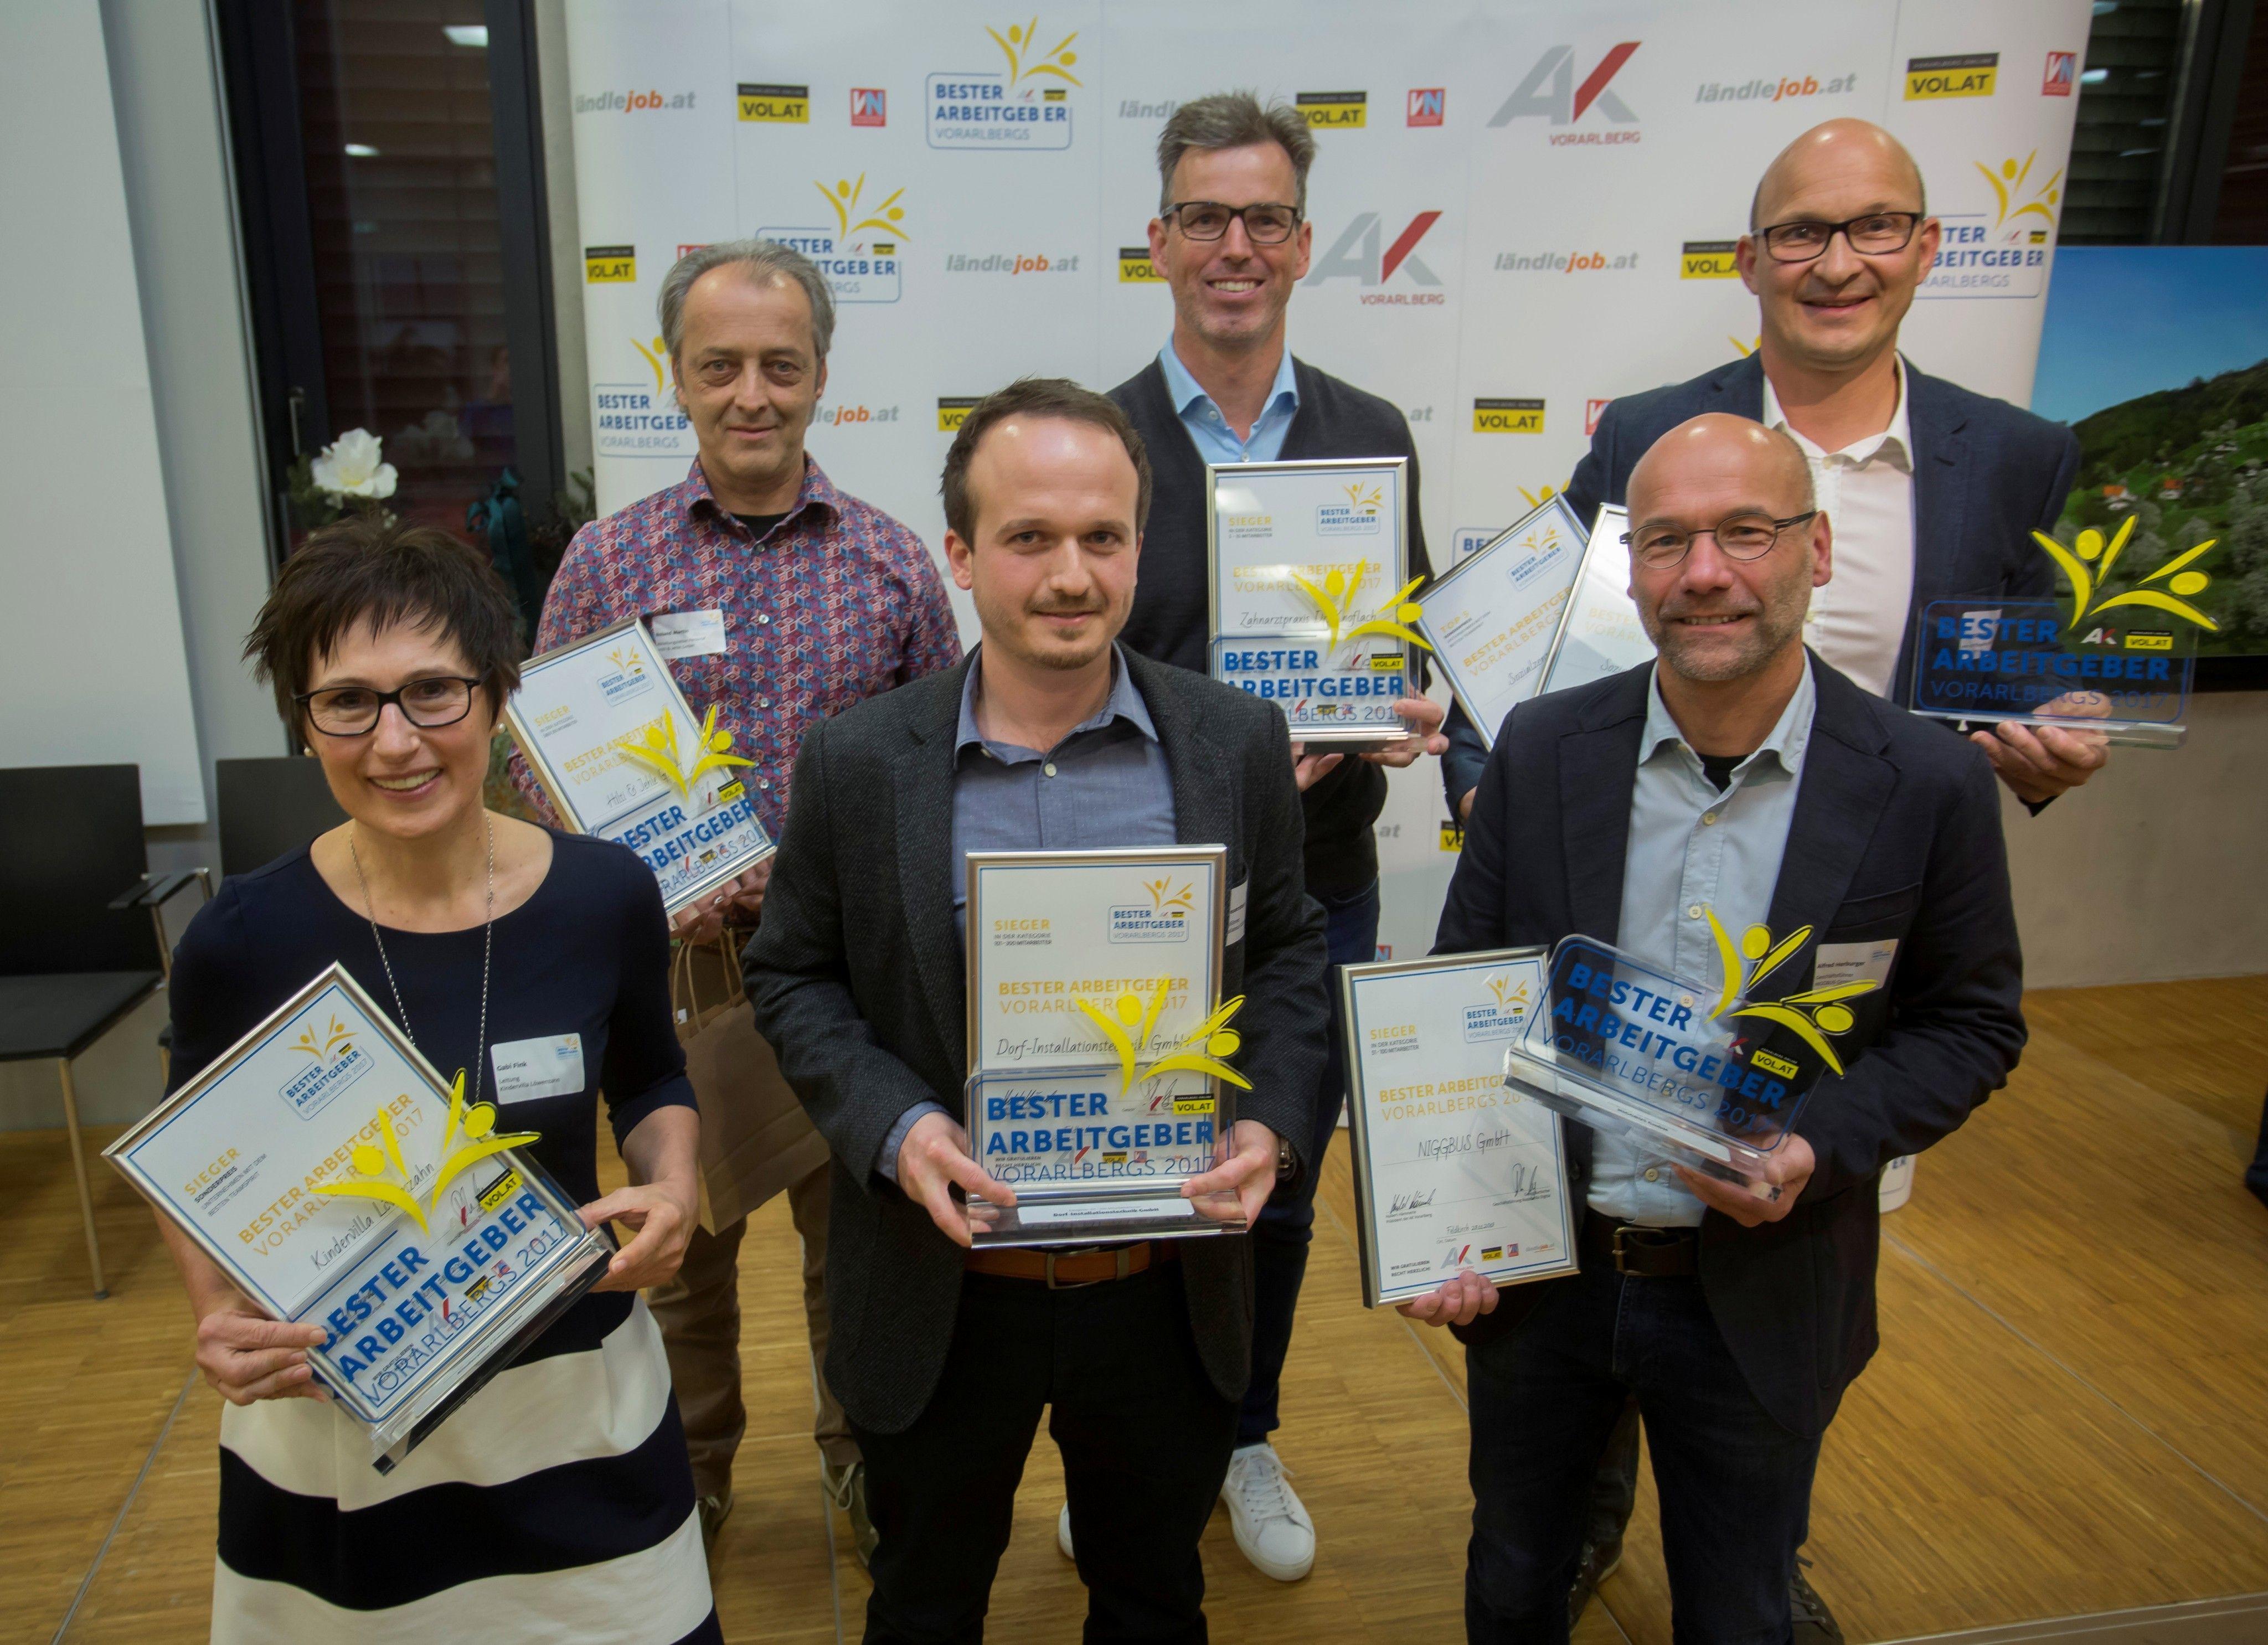 Beste Arbeitgeber 2017 in Vorarlberg: Das sind die Sieger!